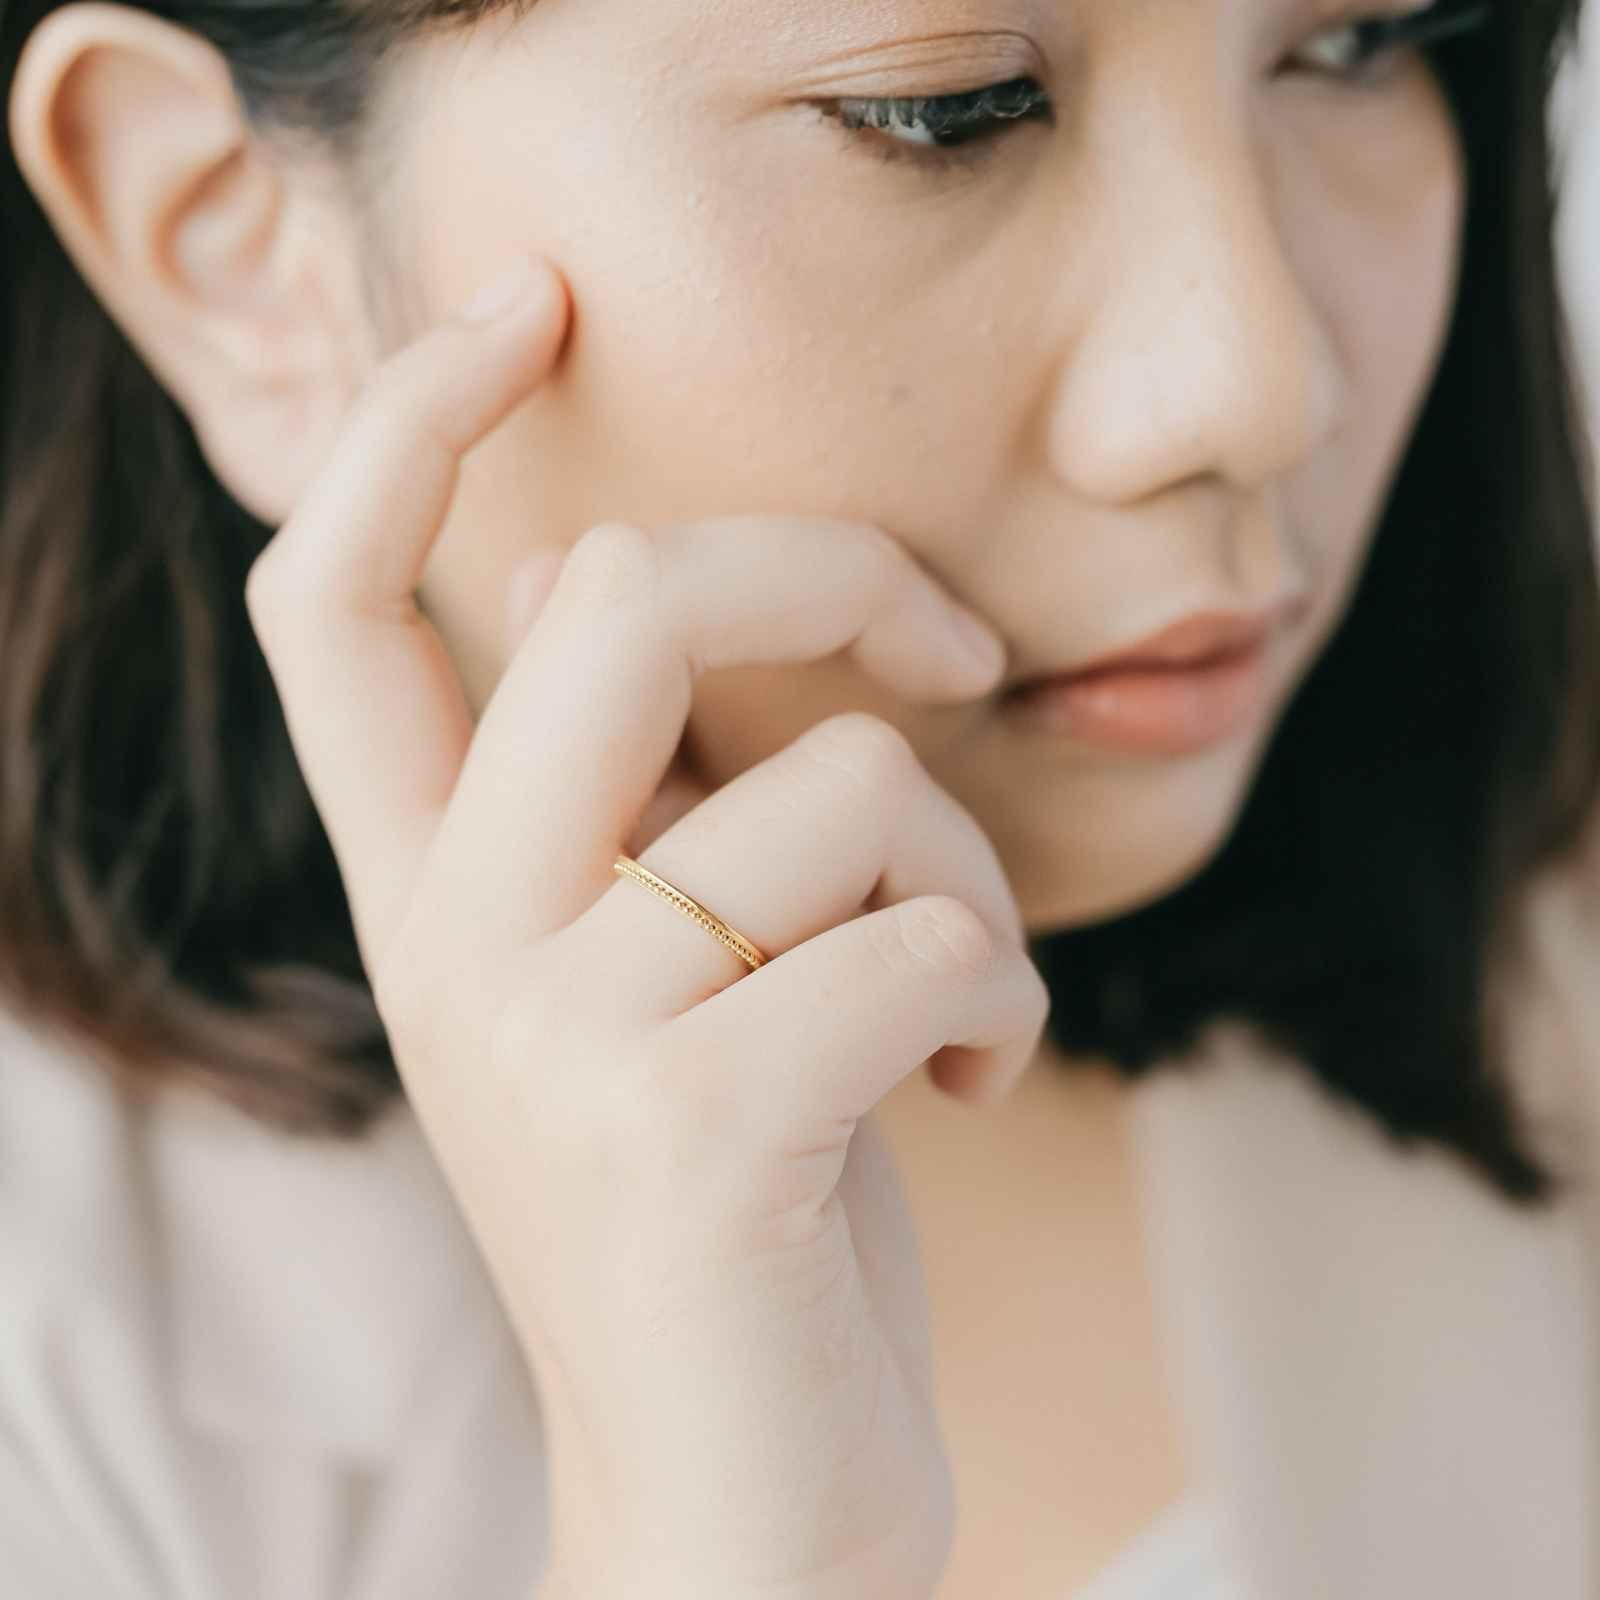 Jepun Ring 2